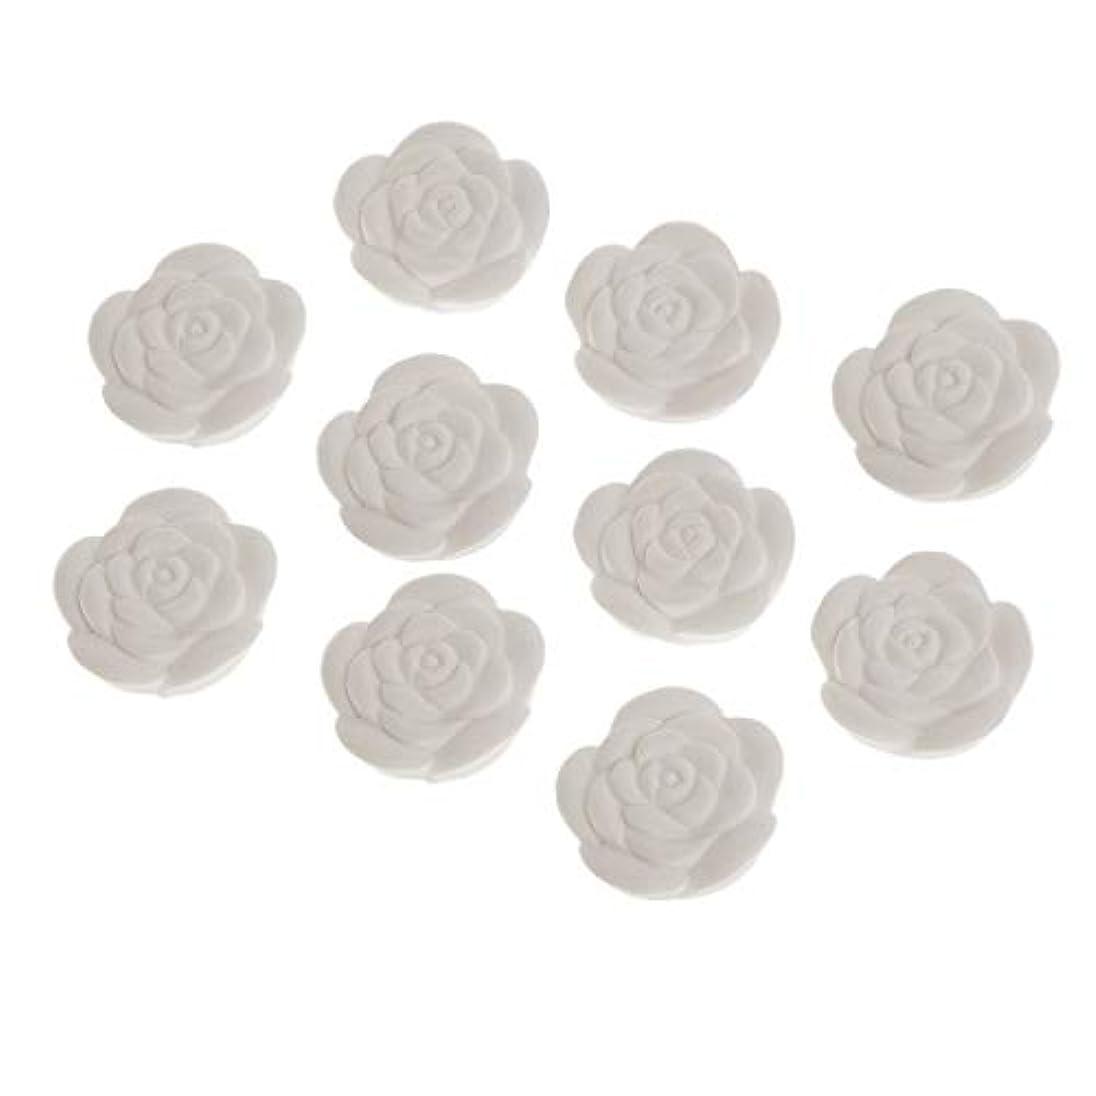 発明するフラップメンテナンスアロマストーン 石膏 花形 香り変更可能 トイレ用 車用 家用 寝室用 10個入り